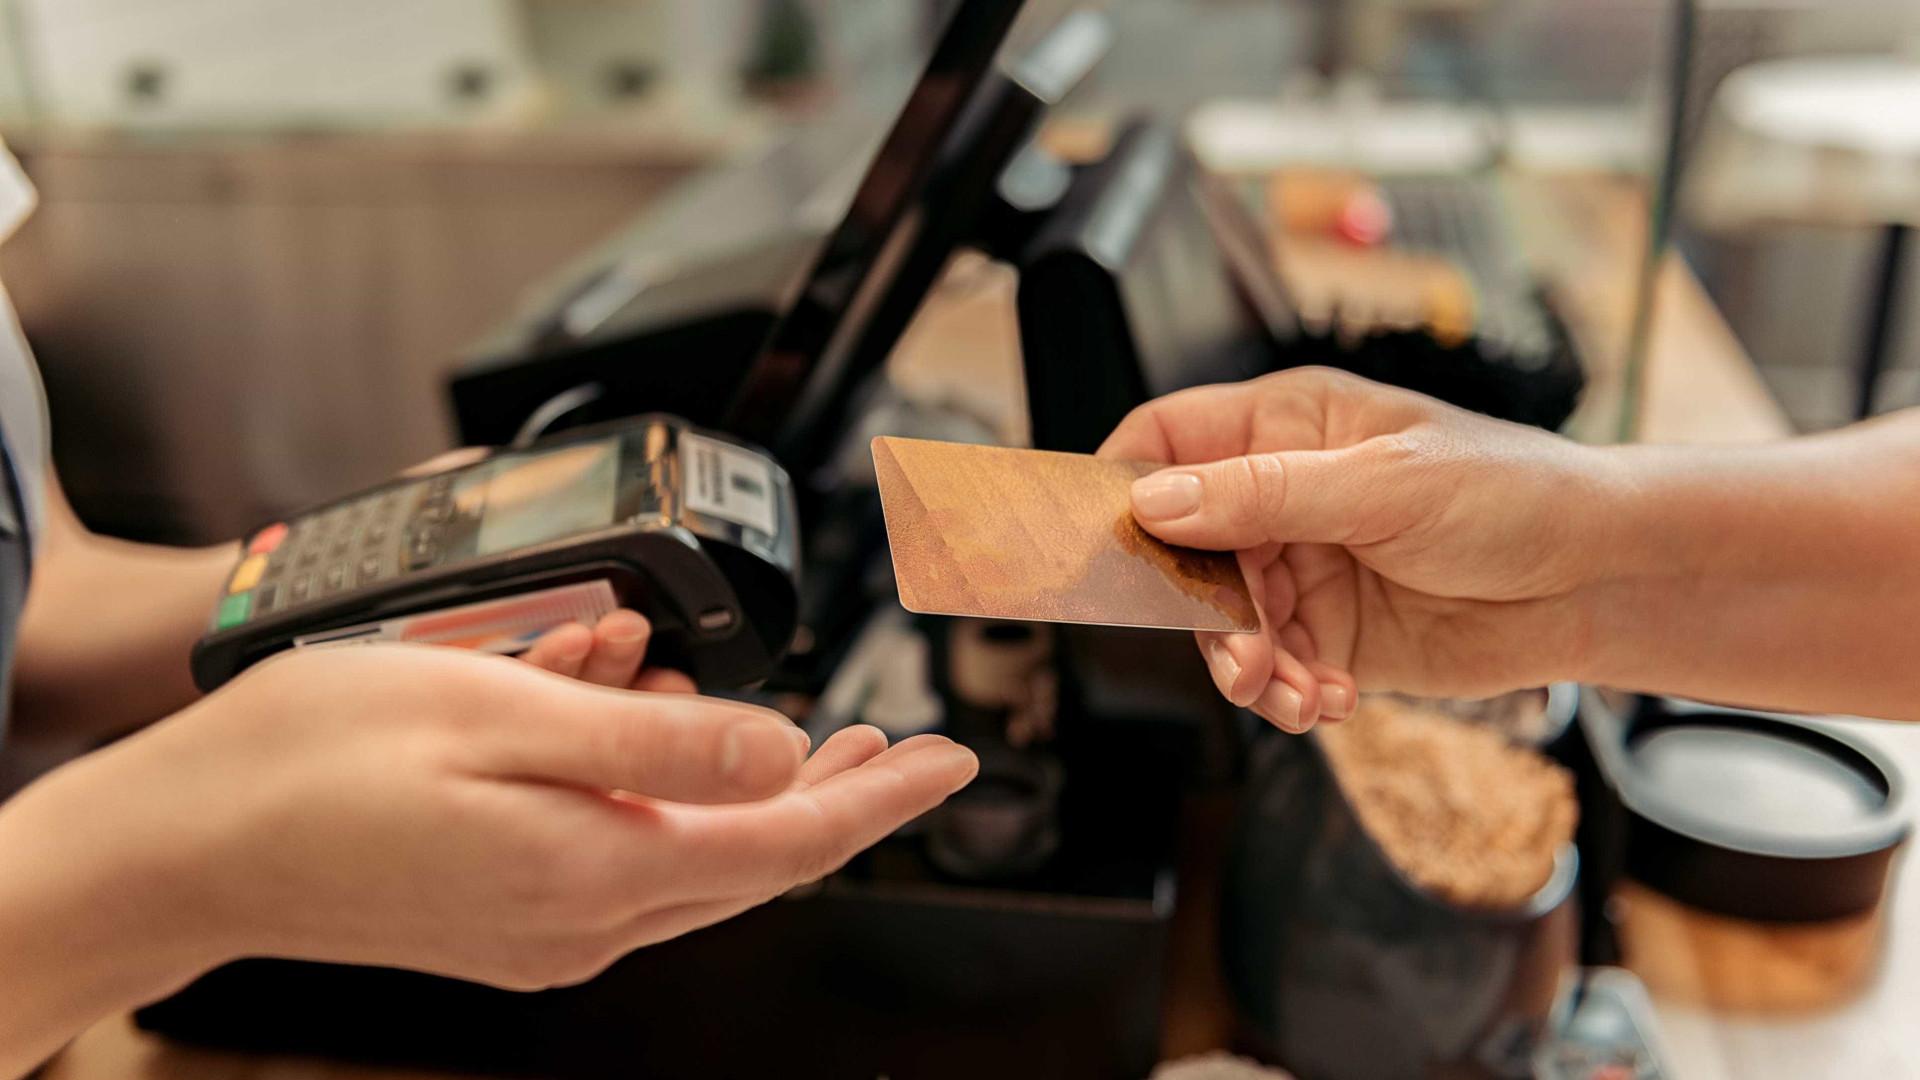 Tenta pagar em restaurante com cartão roubado à própria funcionária